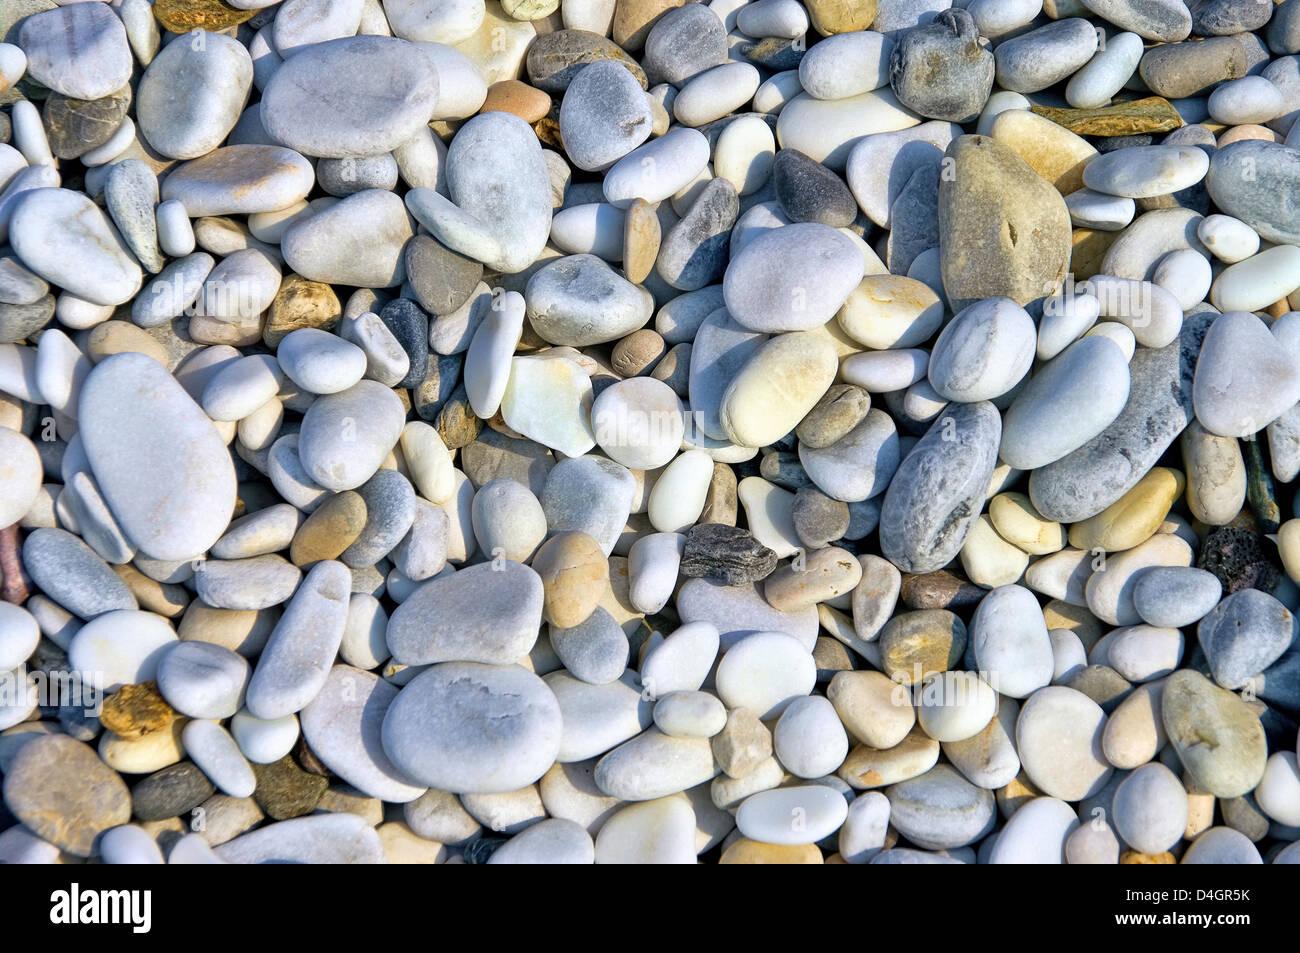 Kieselstrand Toskana - pebble beach Tuscany 07 Stock Photo